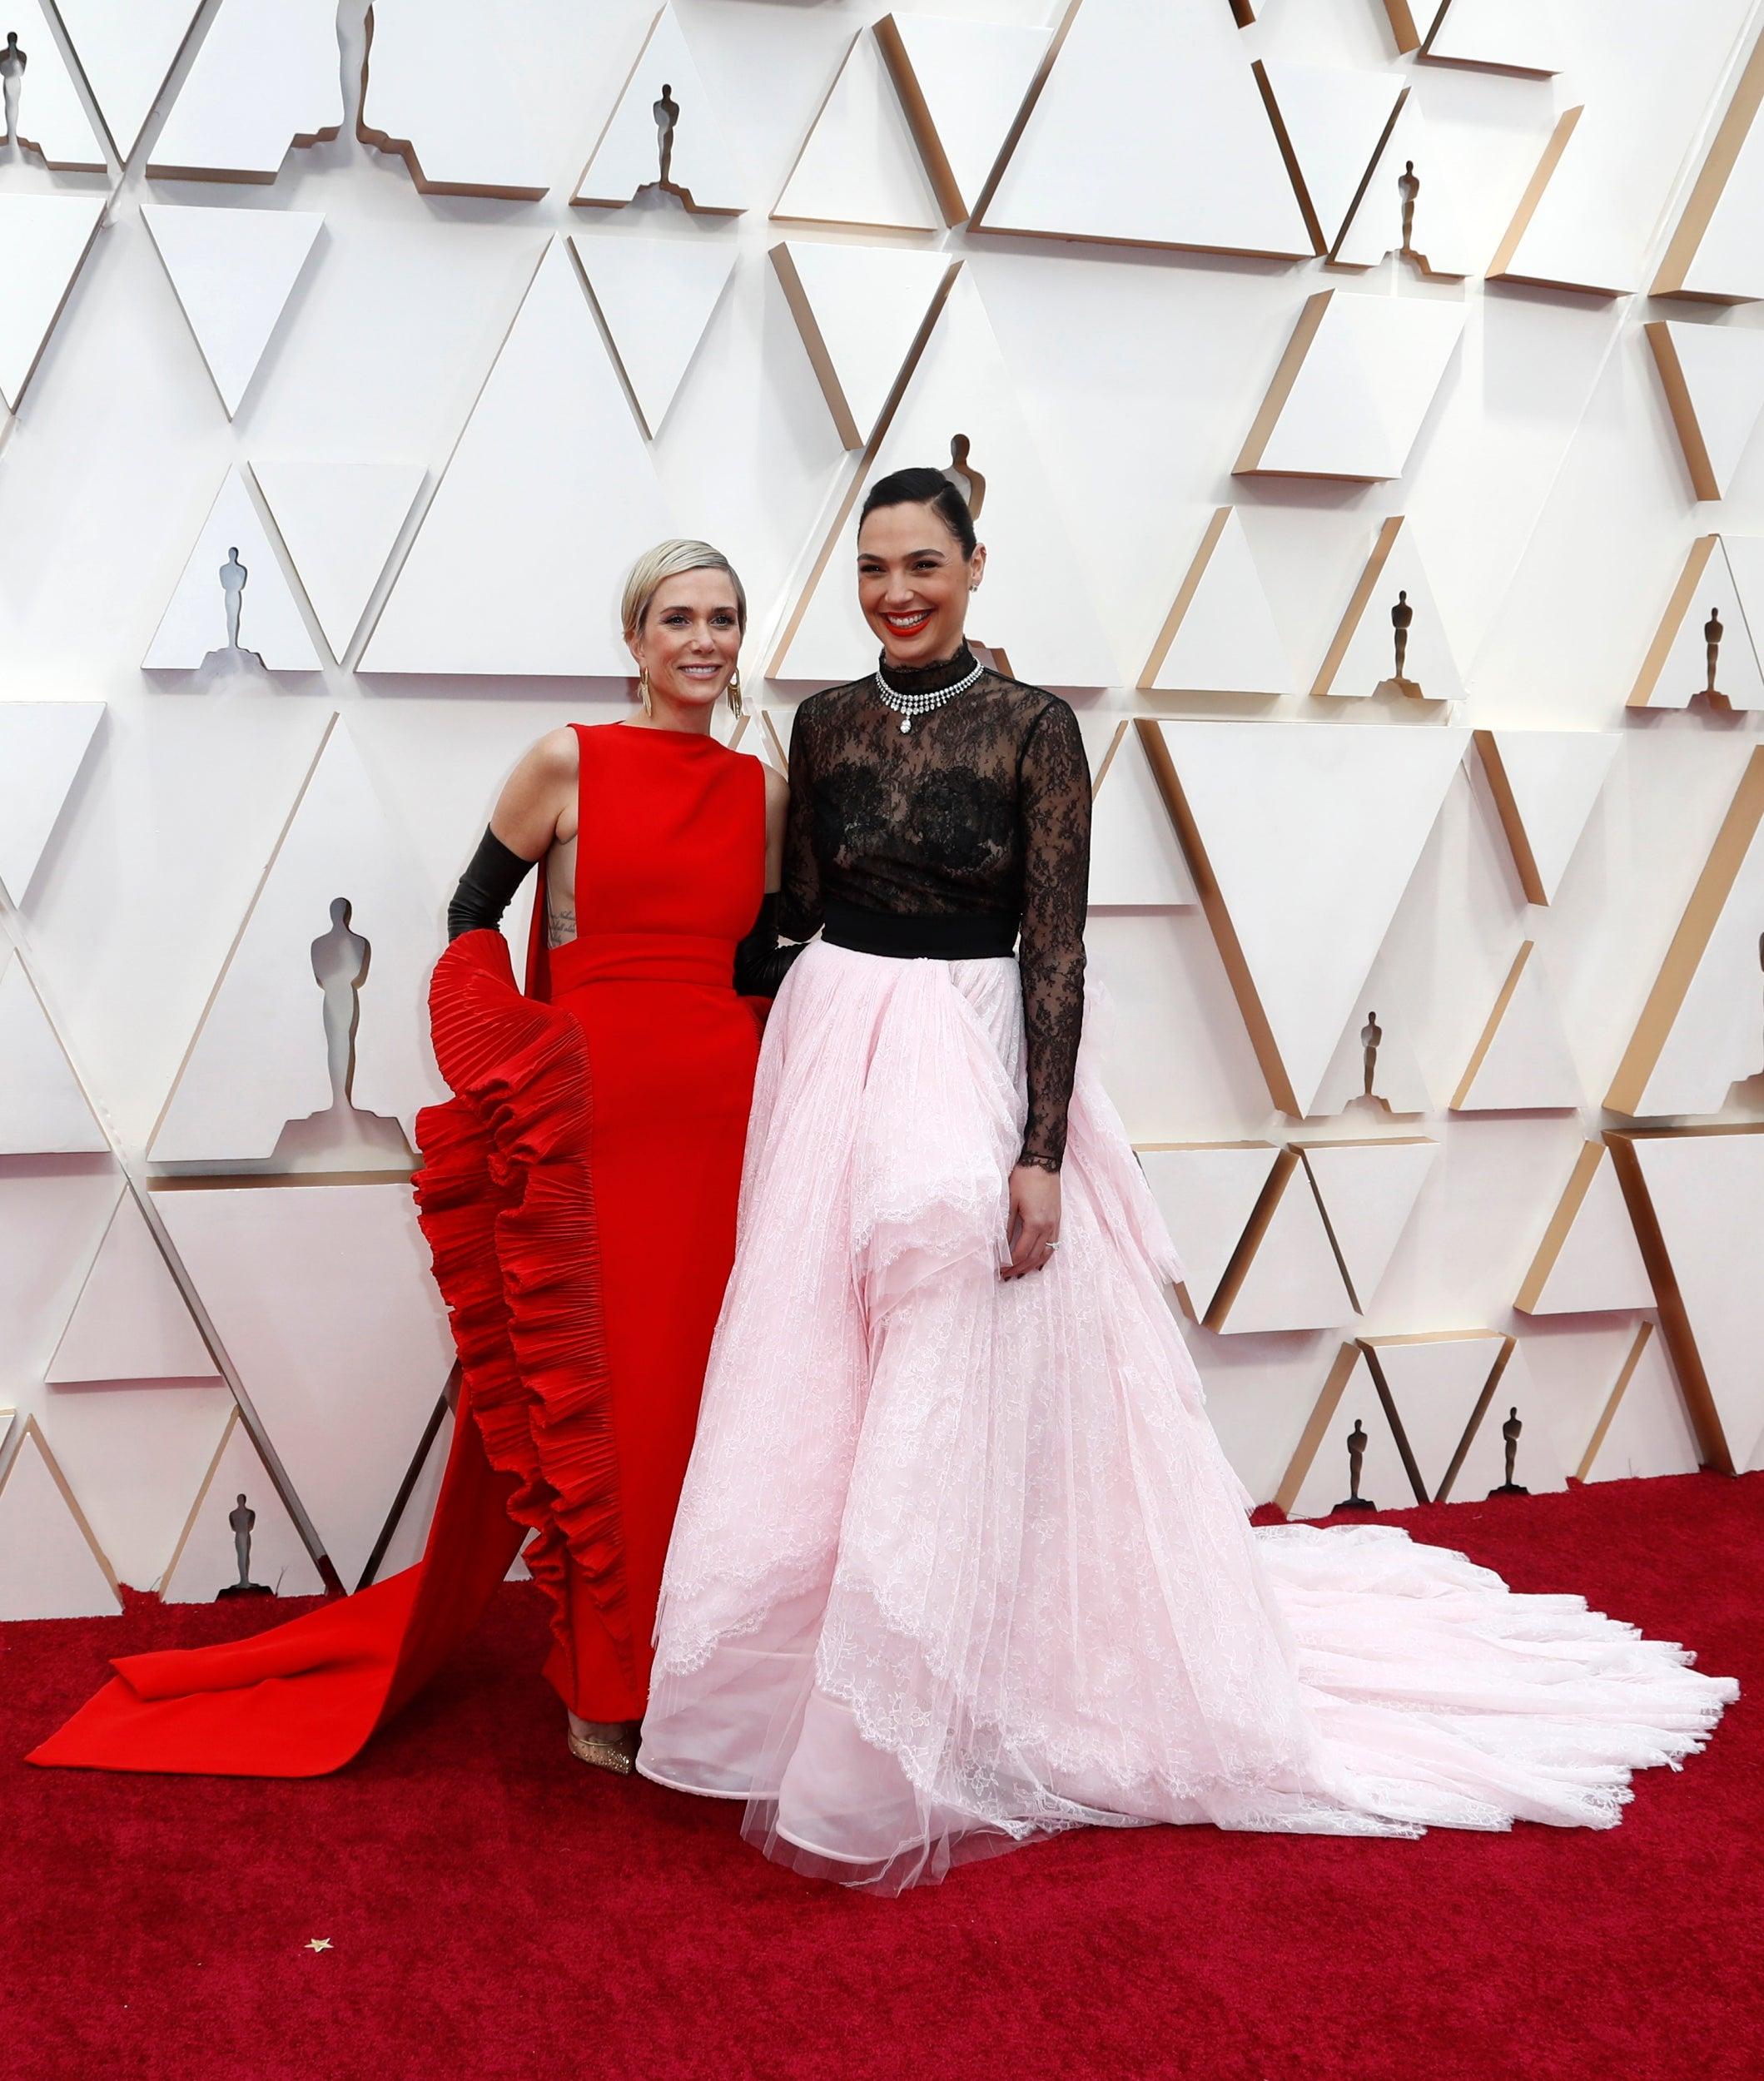 Kristen Wiig and Gal Gadot